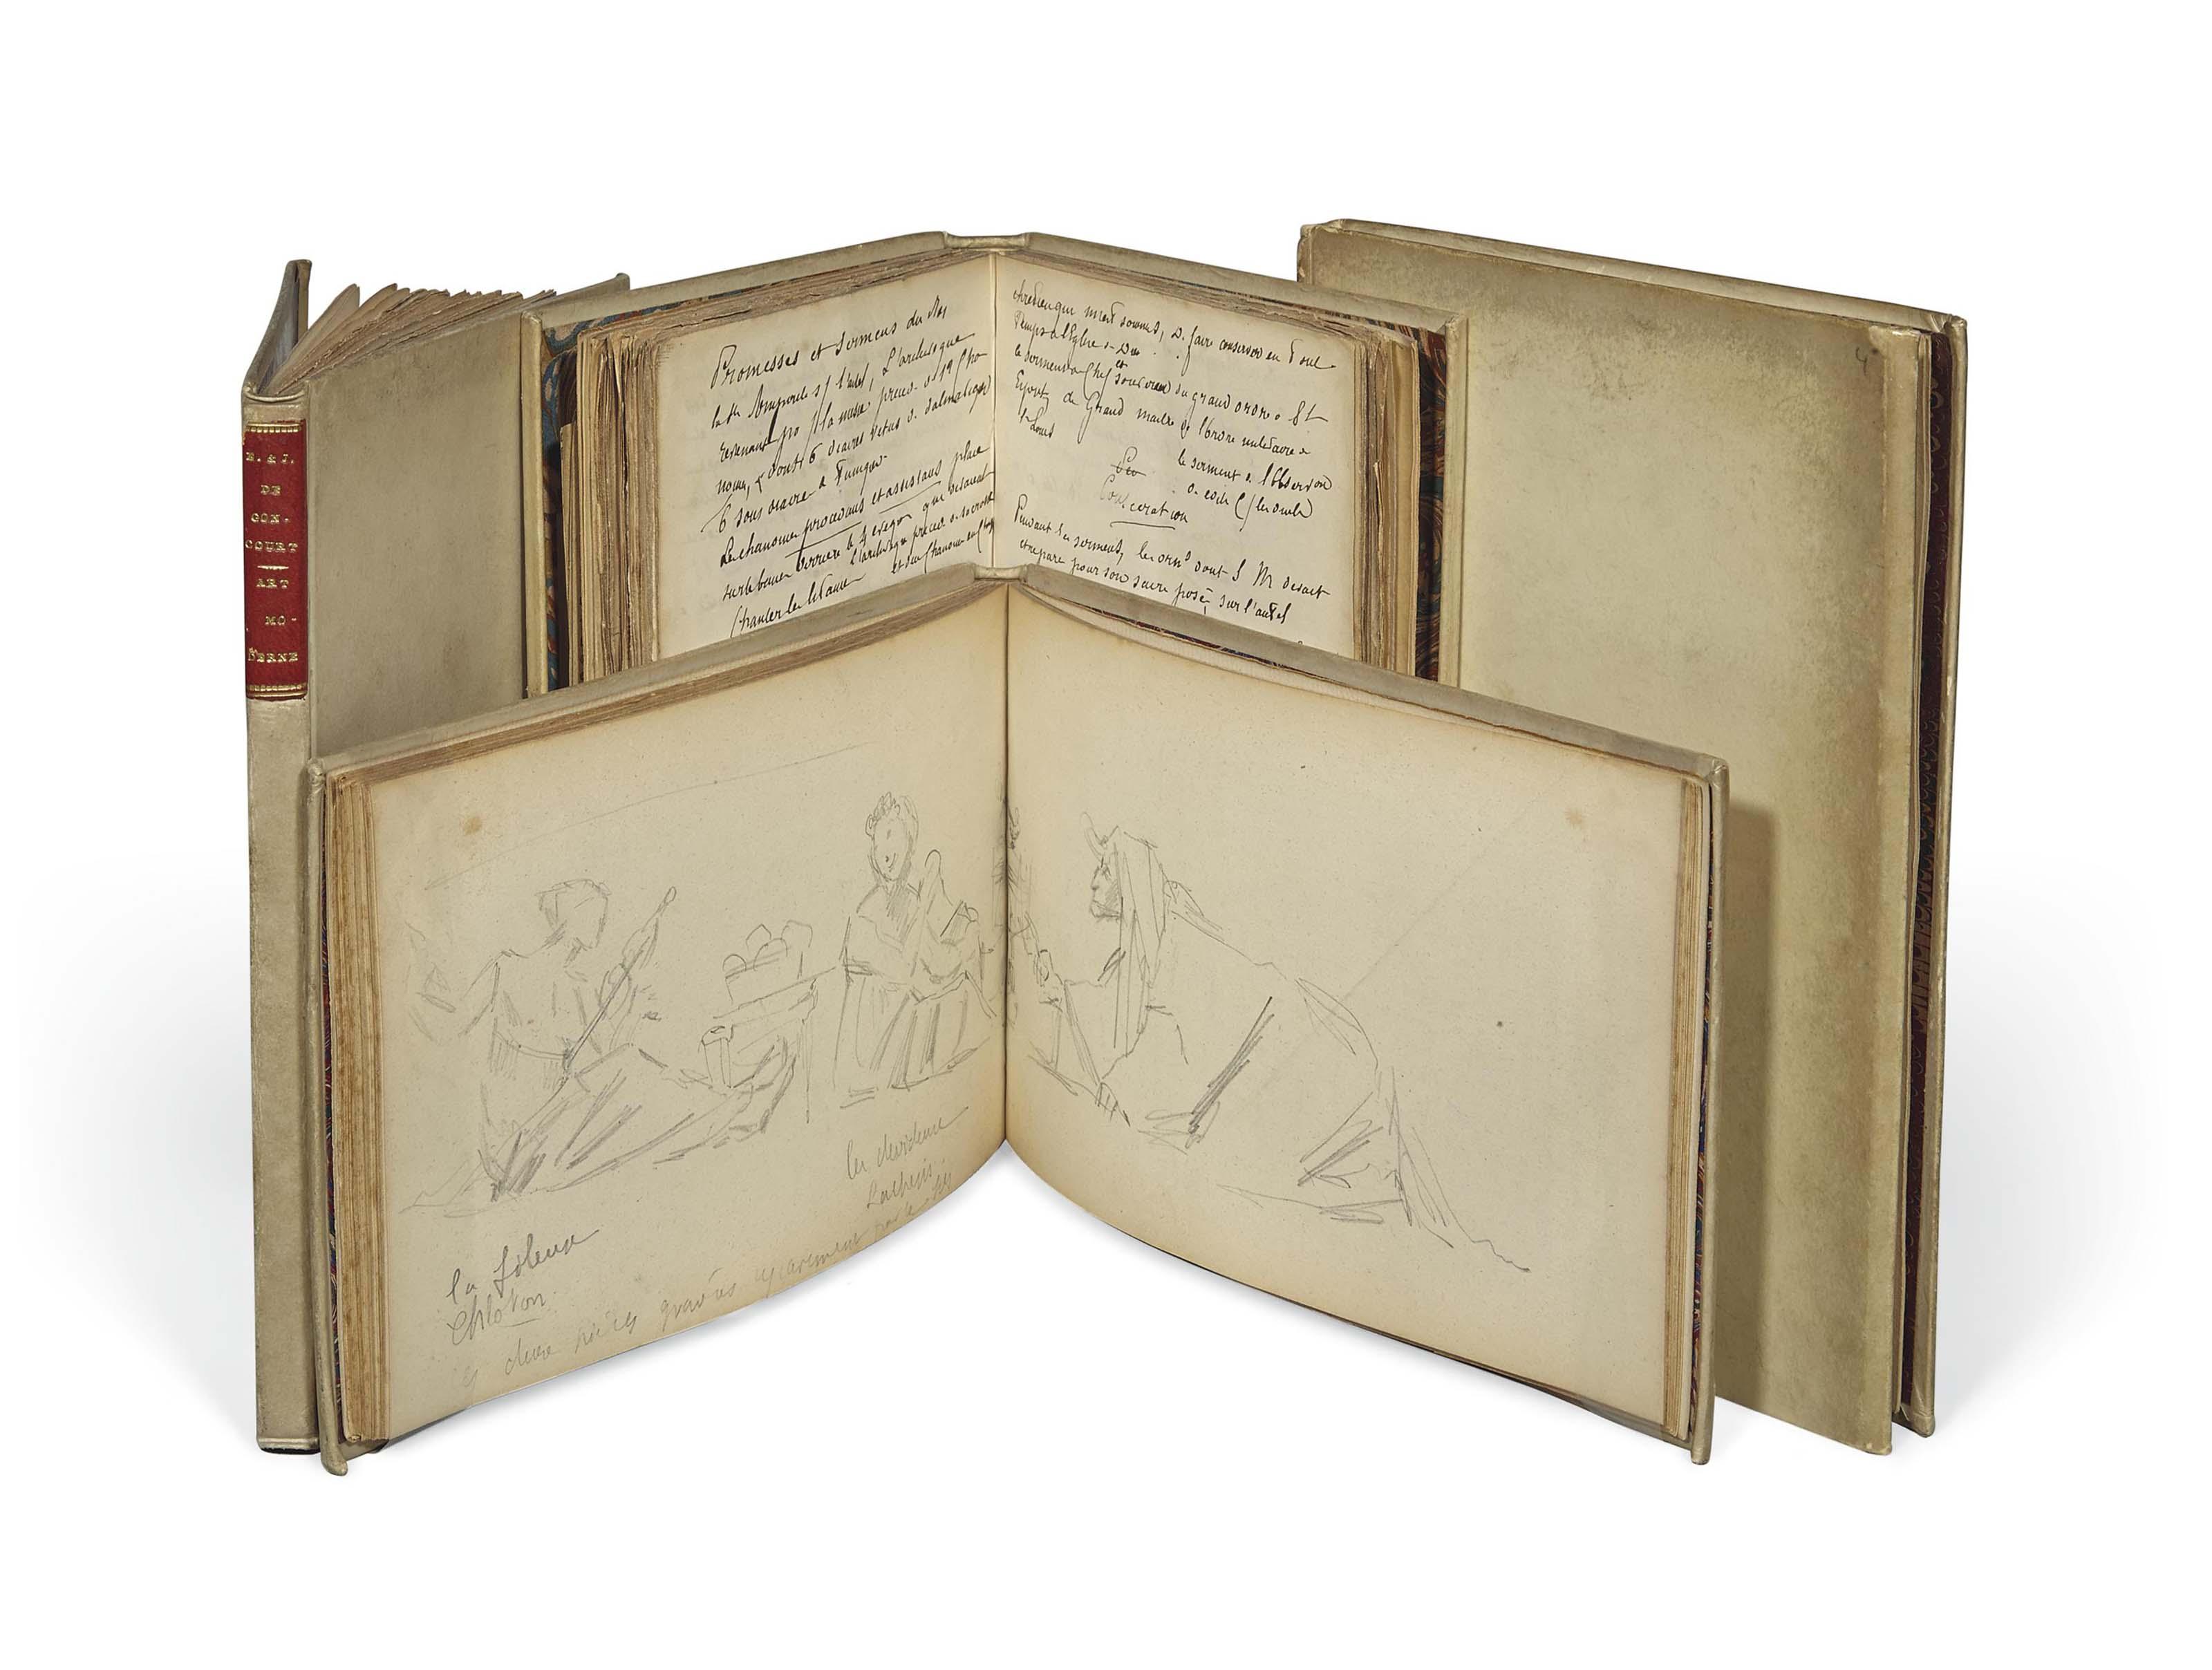 GONCOURT, Edmond & Jules de (1822-1896 et 1830-1870). Notes autographes apparemment inédites des frères Goncourt qu'Alidor Delzant (1848-1905), secrétaire puis légataire universel d'Edmond de Goncourt, réunit en quatre recueils et fit relier en vélin à recouvrements (légèrement taché).